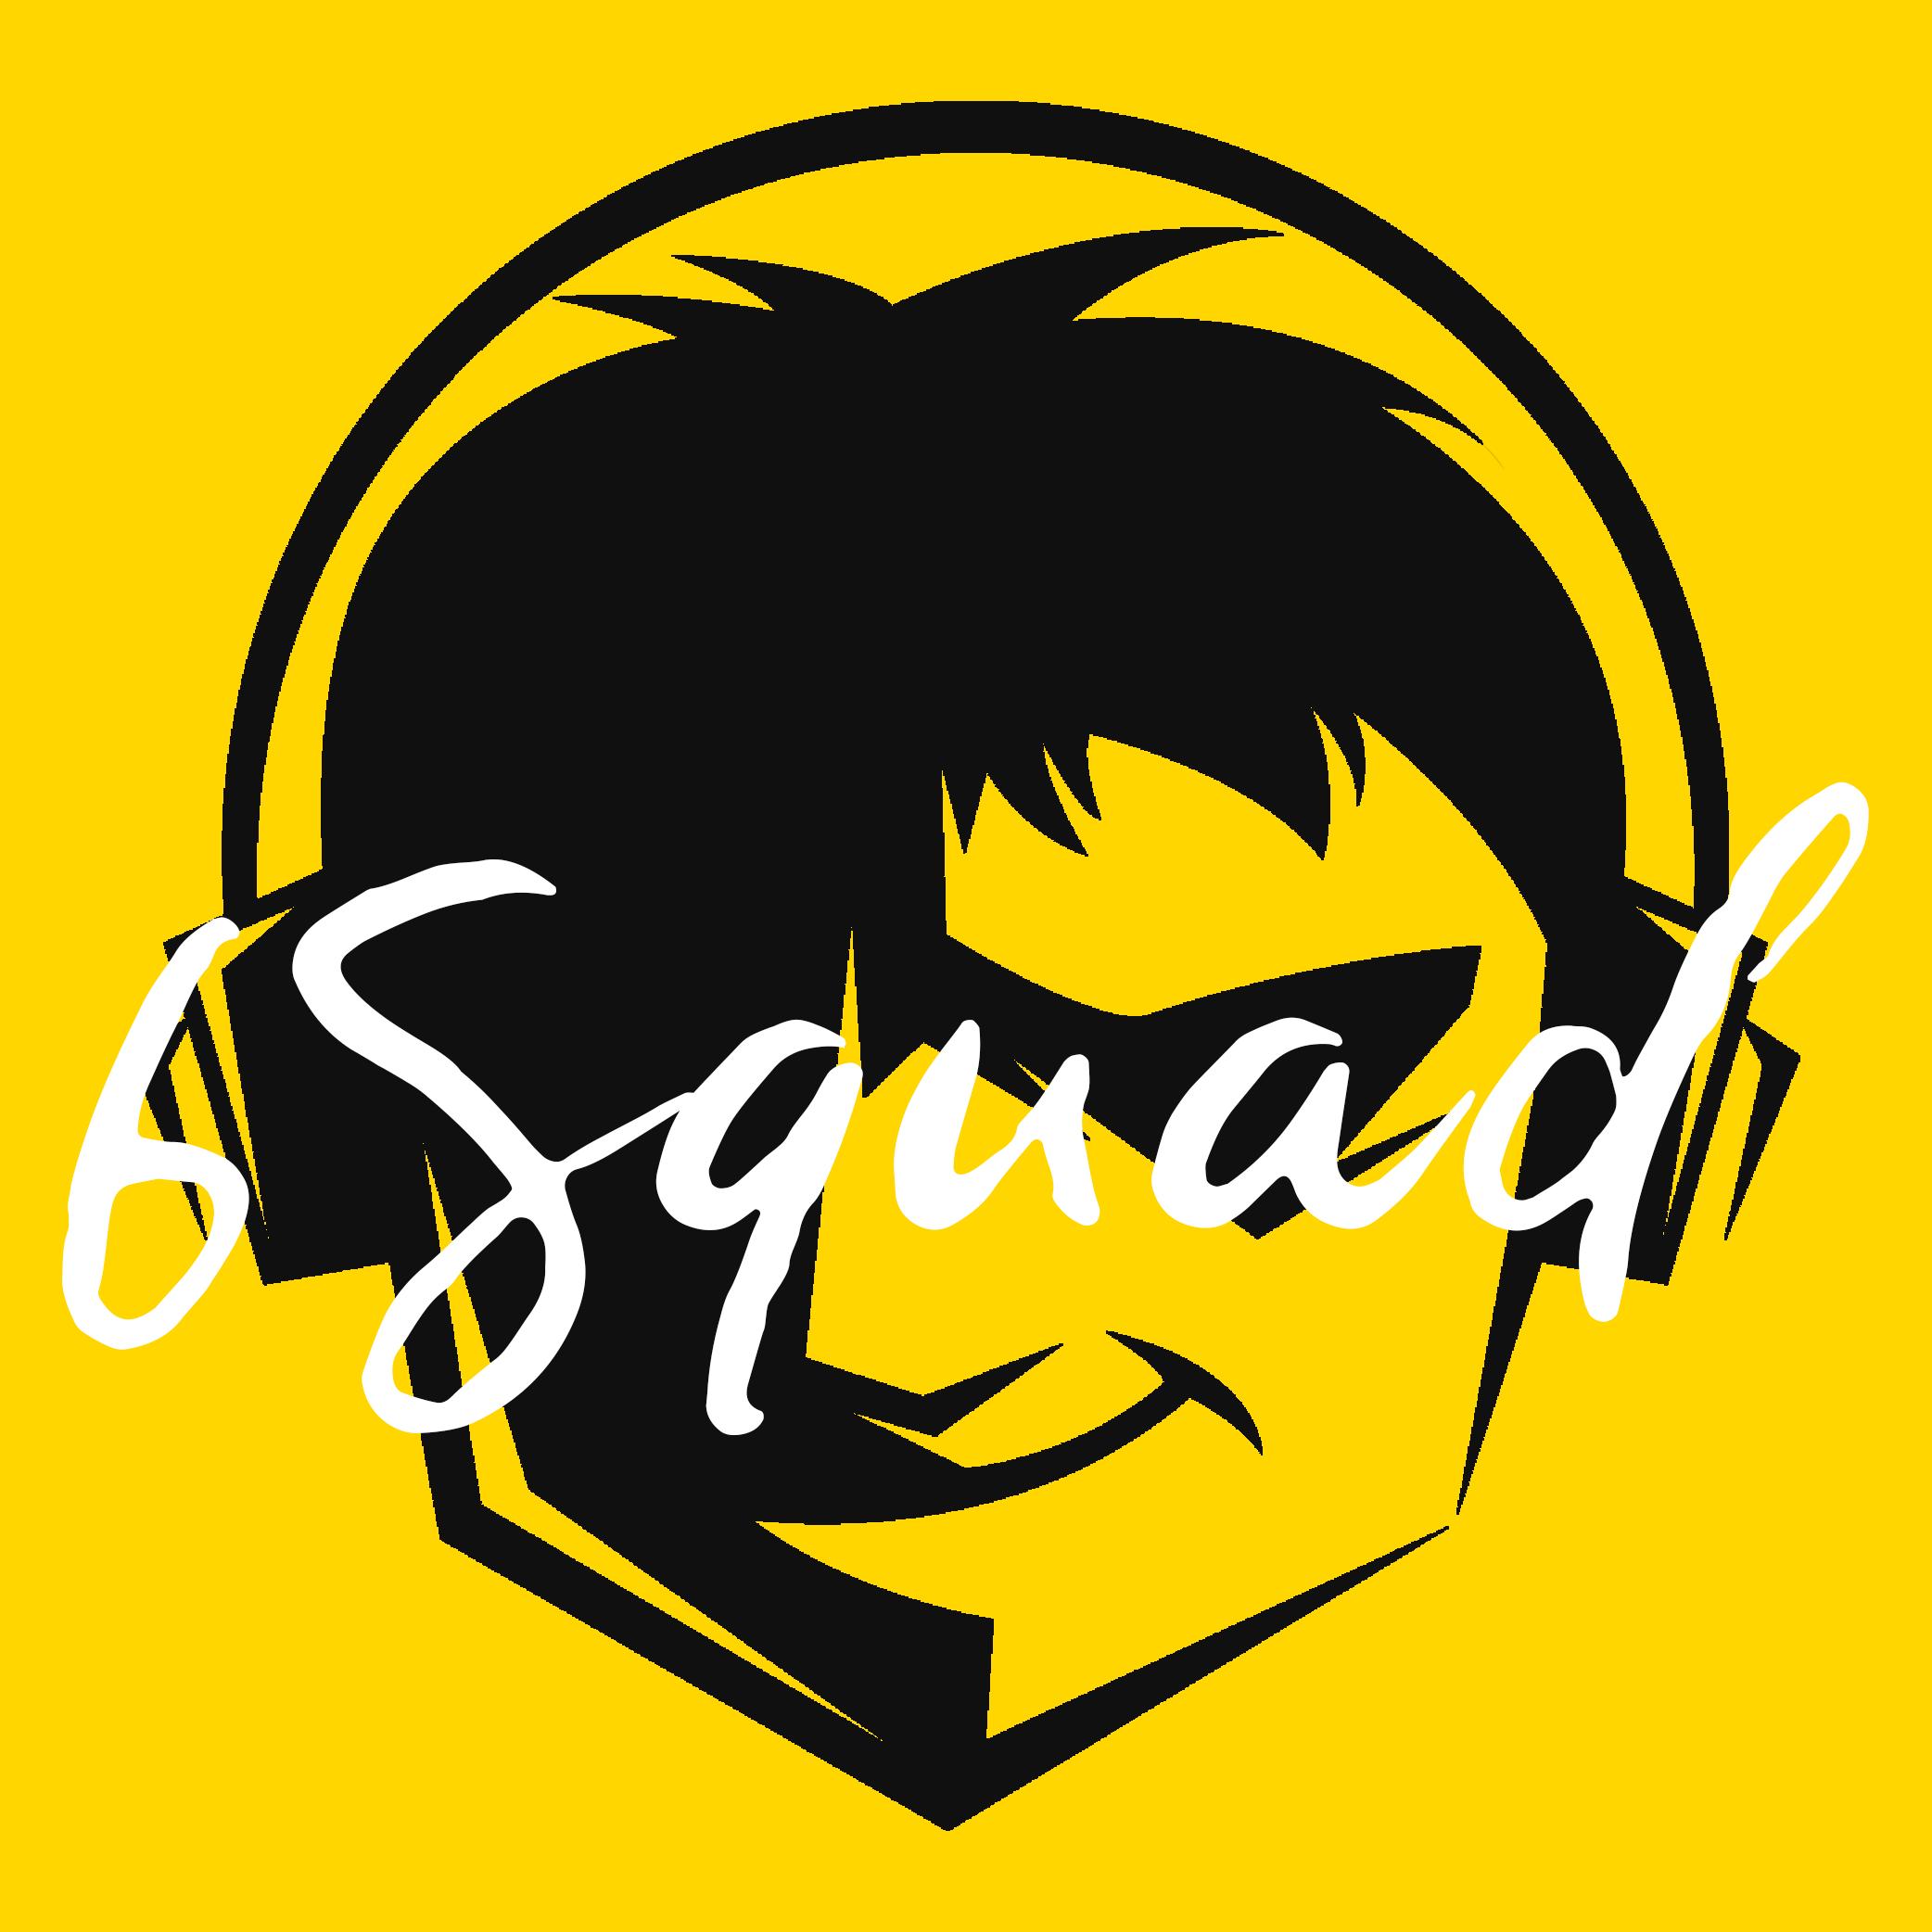 6squad